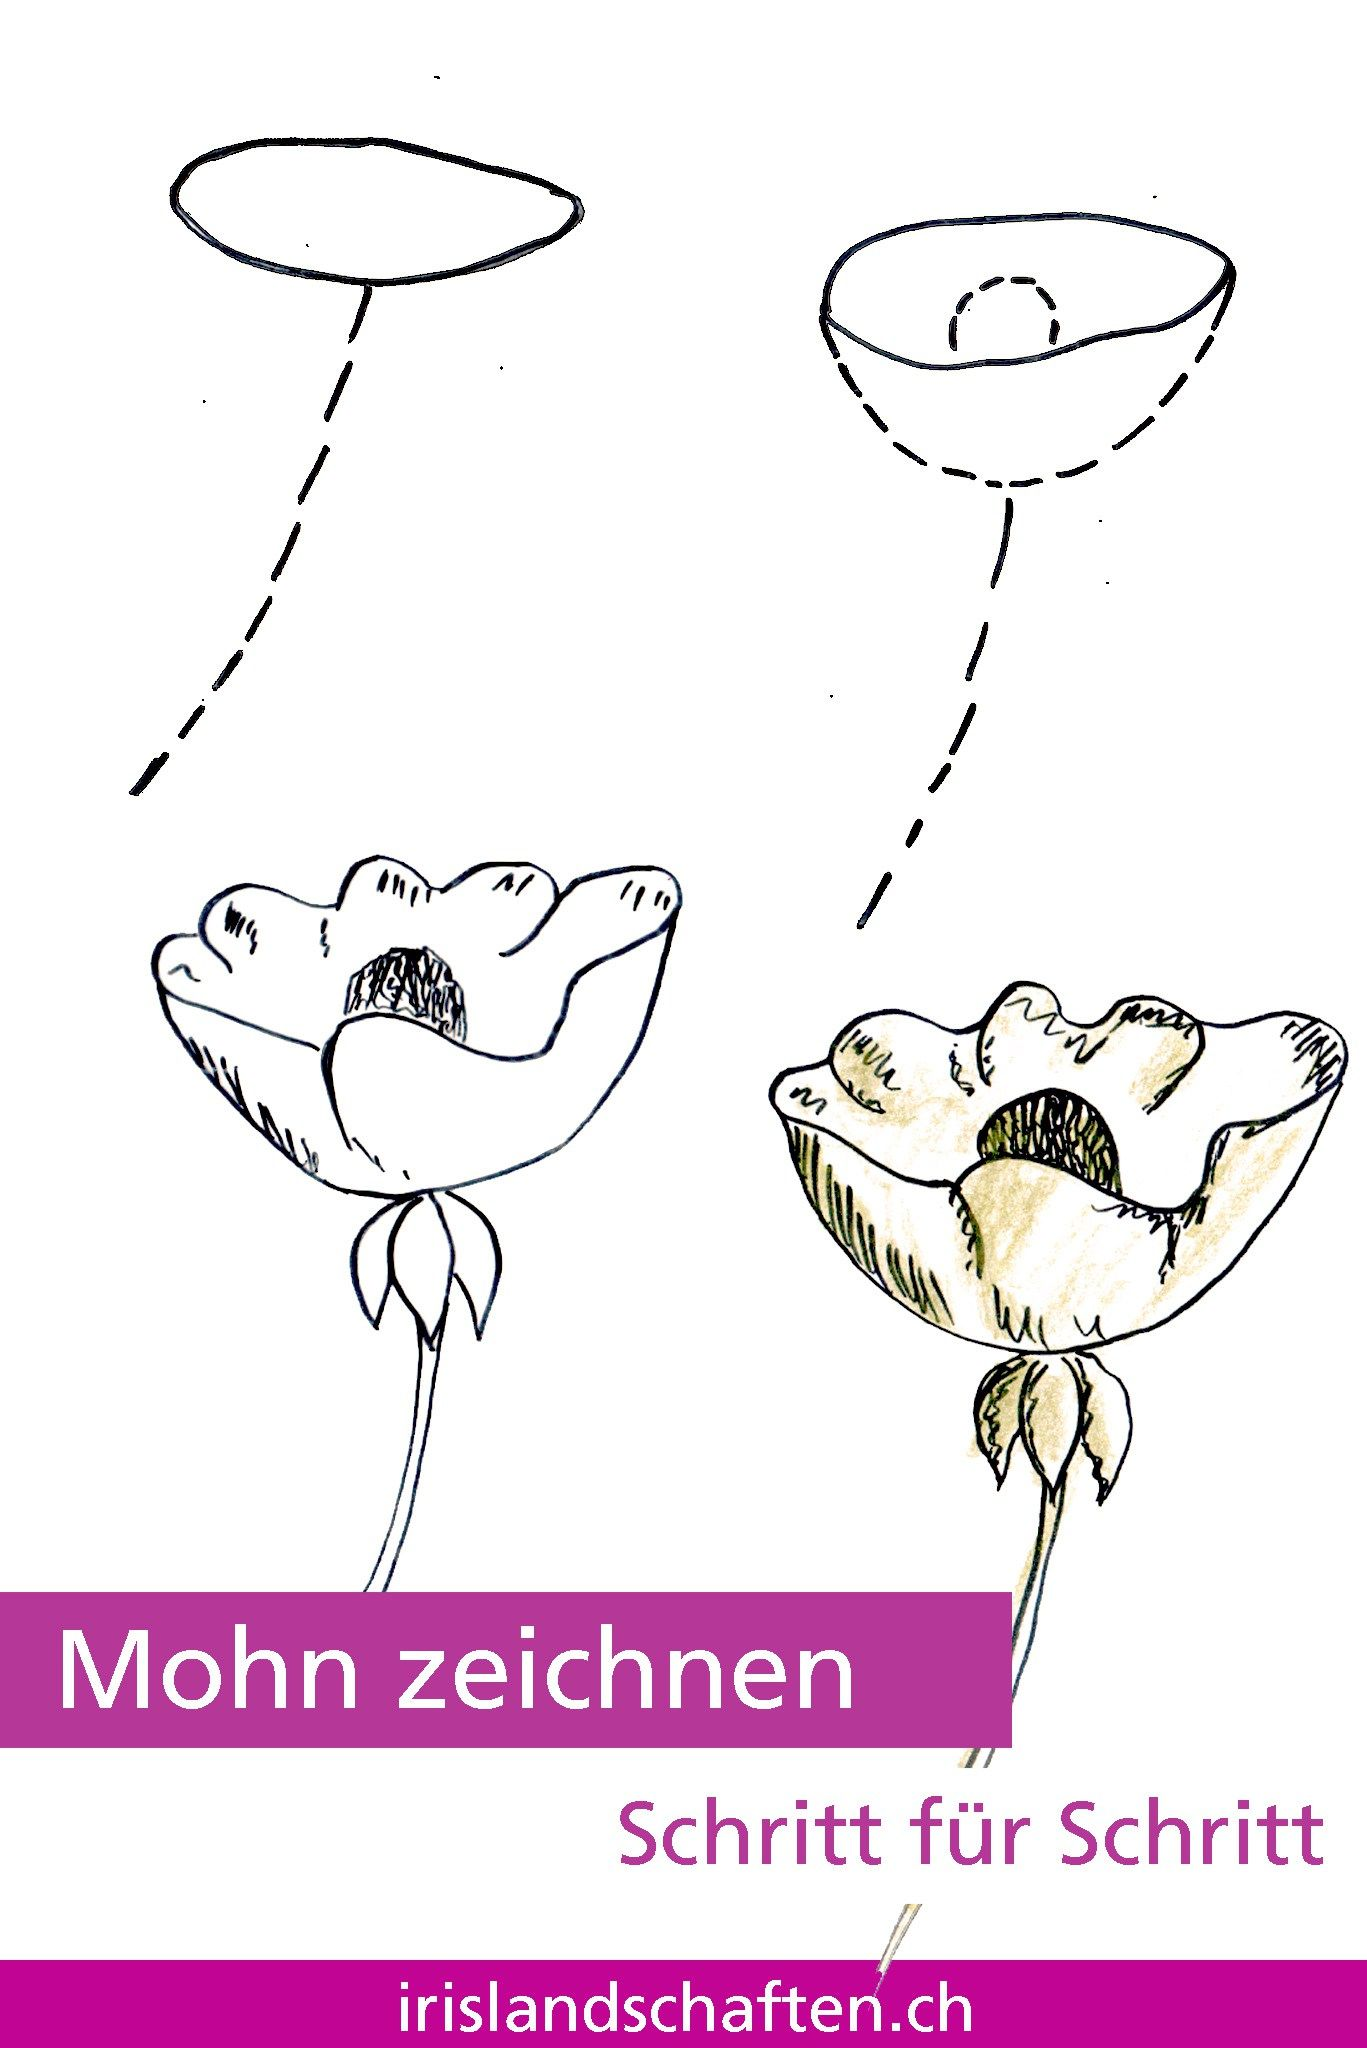 Pflanzen Zeichnen Schritt Fur Schritt 30 Tage Challenge In Der